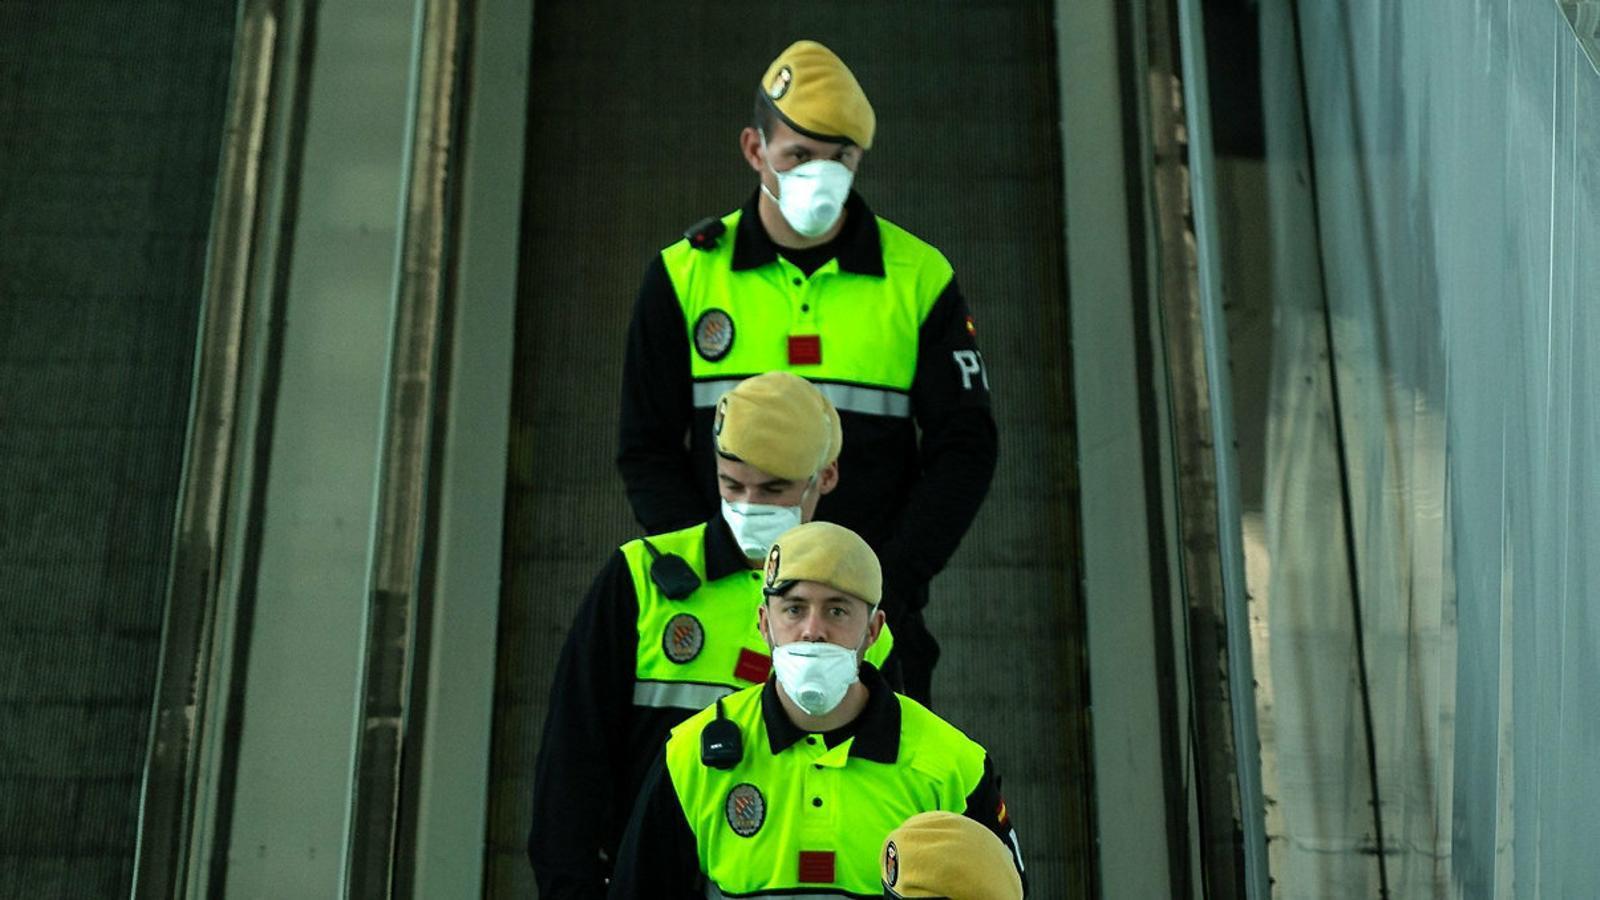 Efectius de la Unitat Militar d'Emergències (UME) de l'exèrcit espanyol divendres a l'aeroport del Prat, on van fer tasques de desinfecció de les instal·lacions.